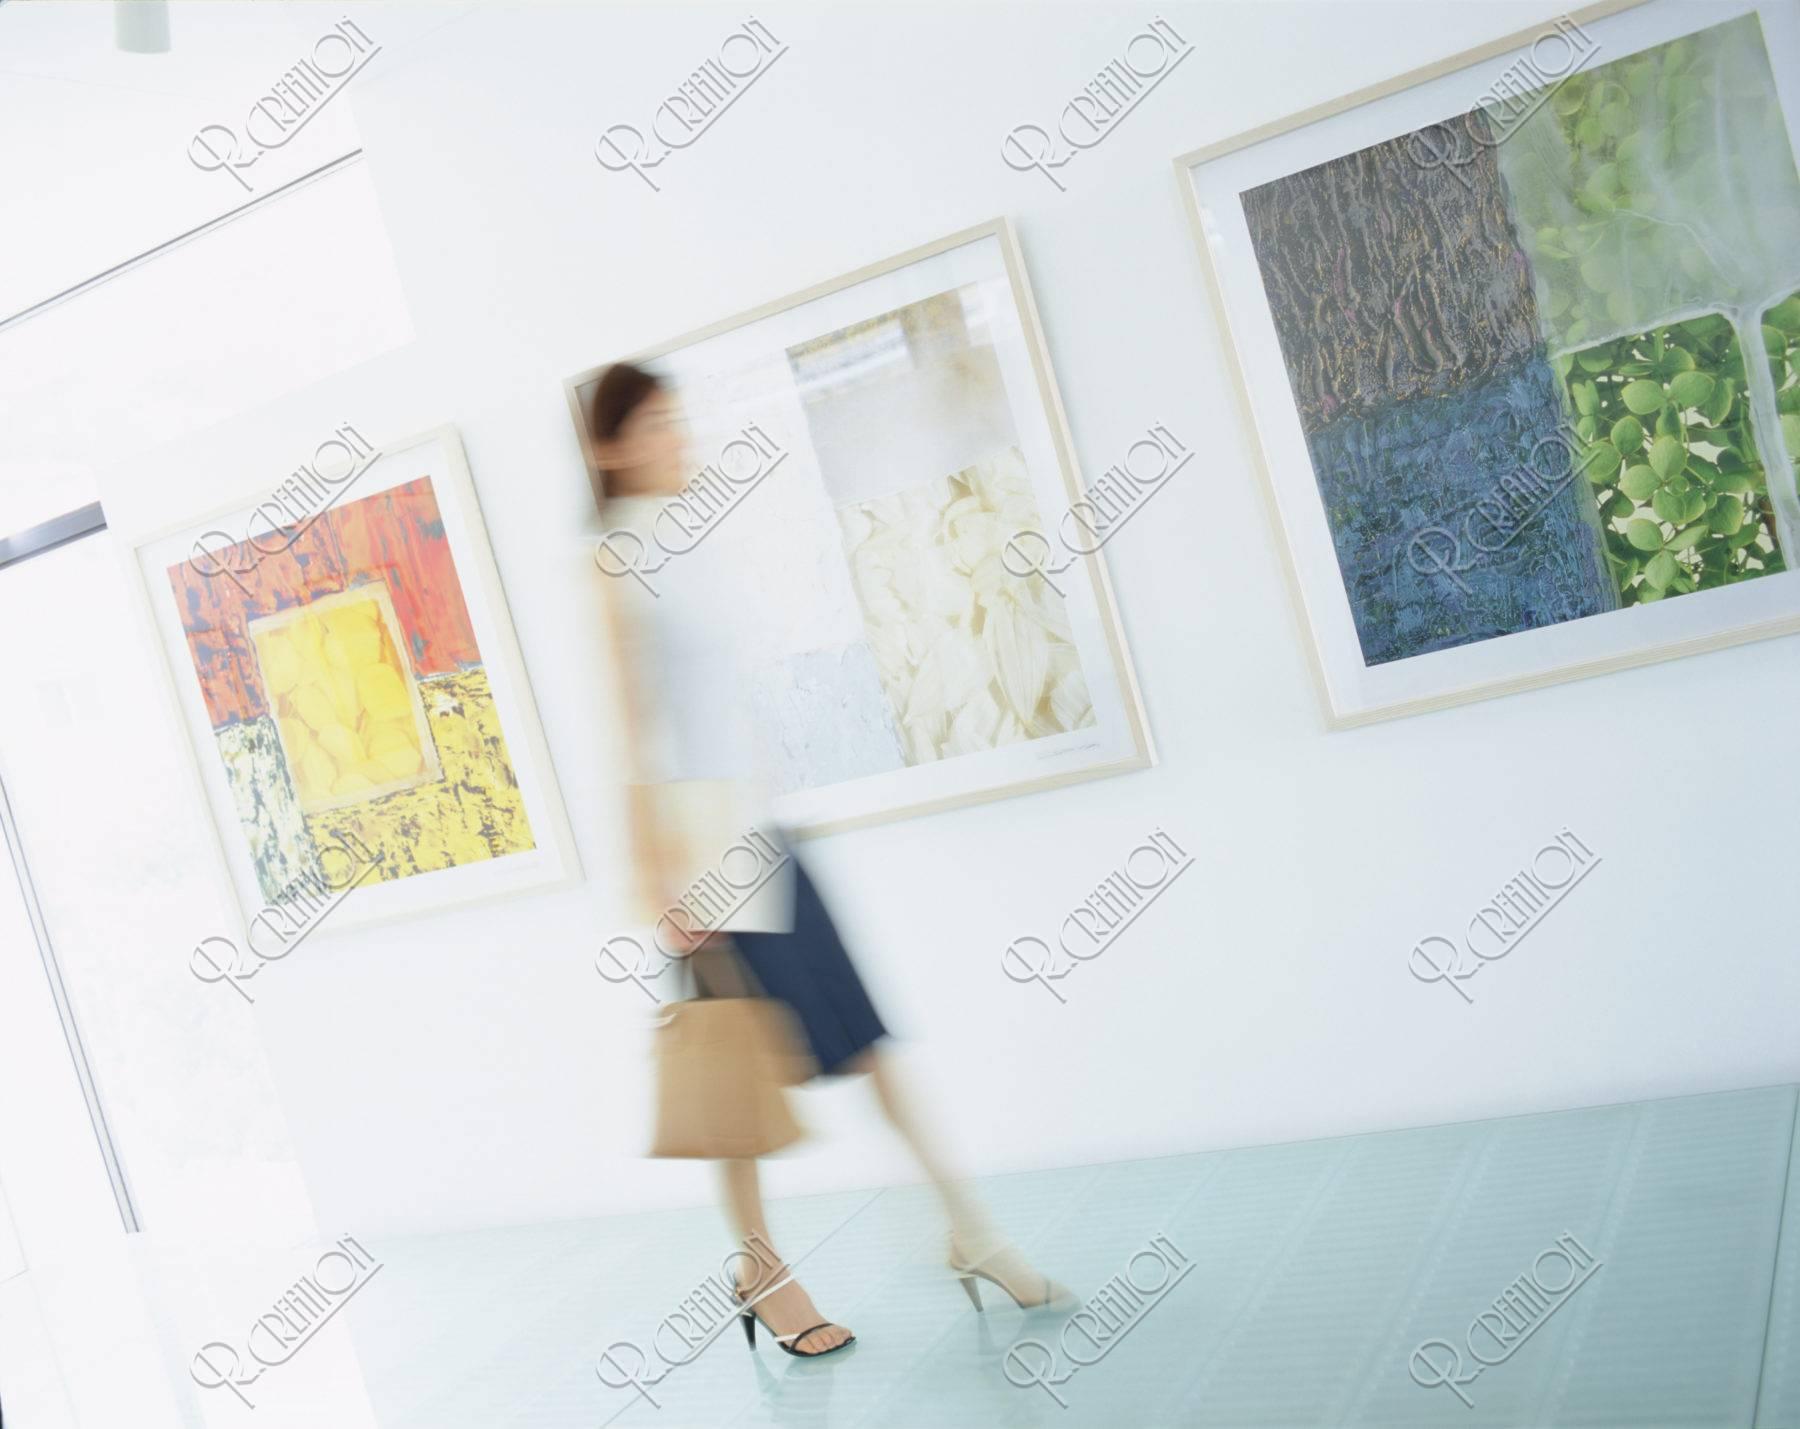 ギャラリーの女性